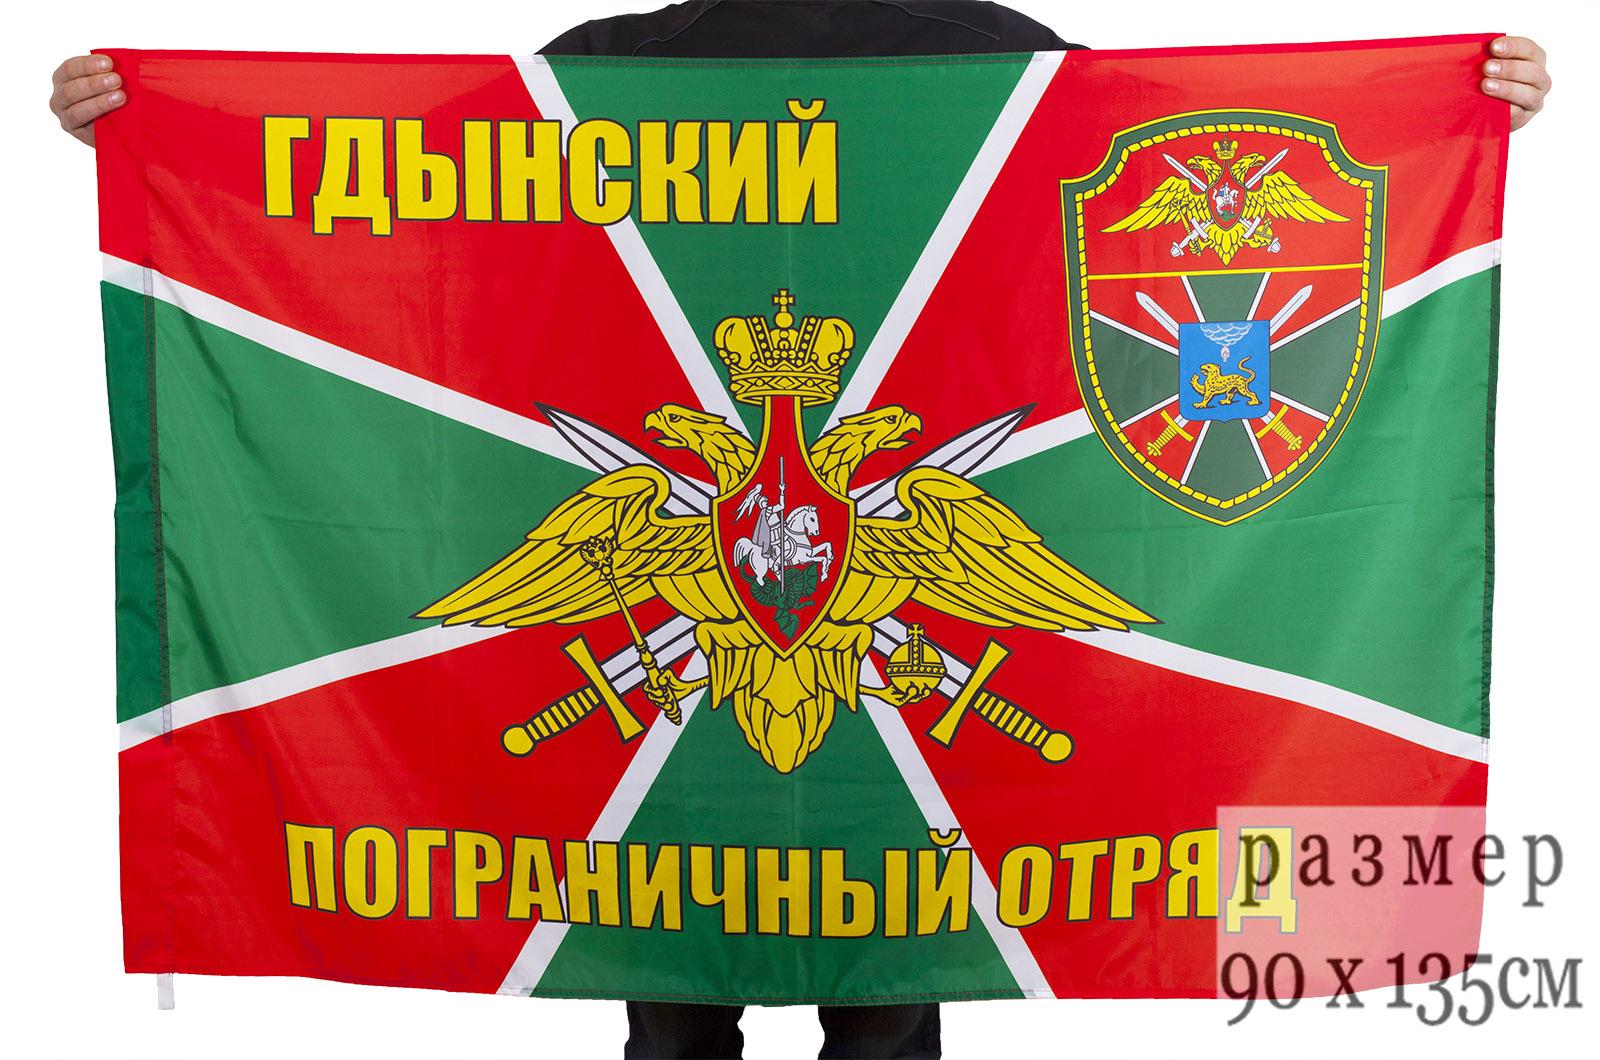 """Купить флаг """"Гдынский пограничый отряд"""""""